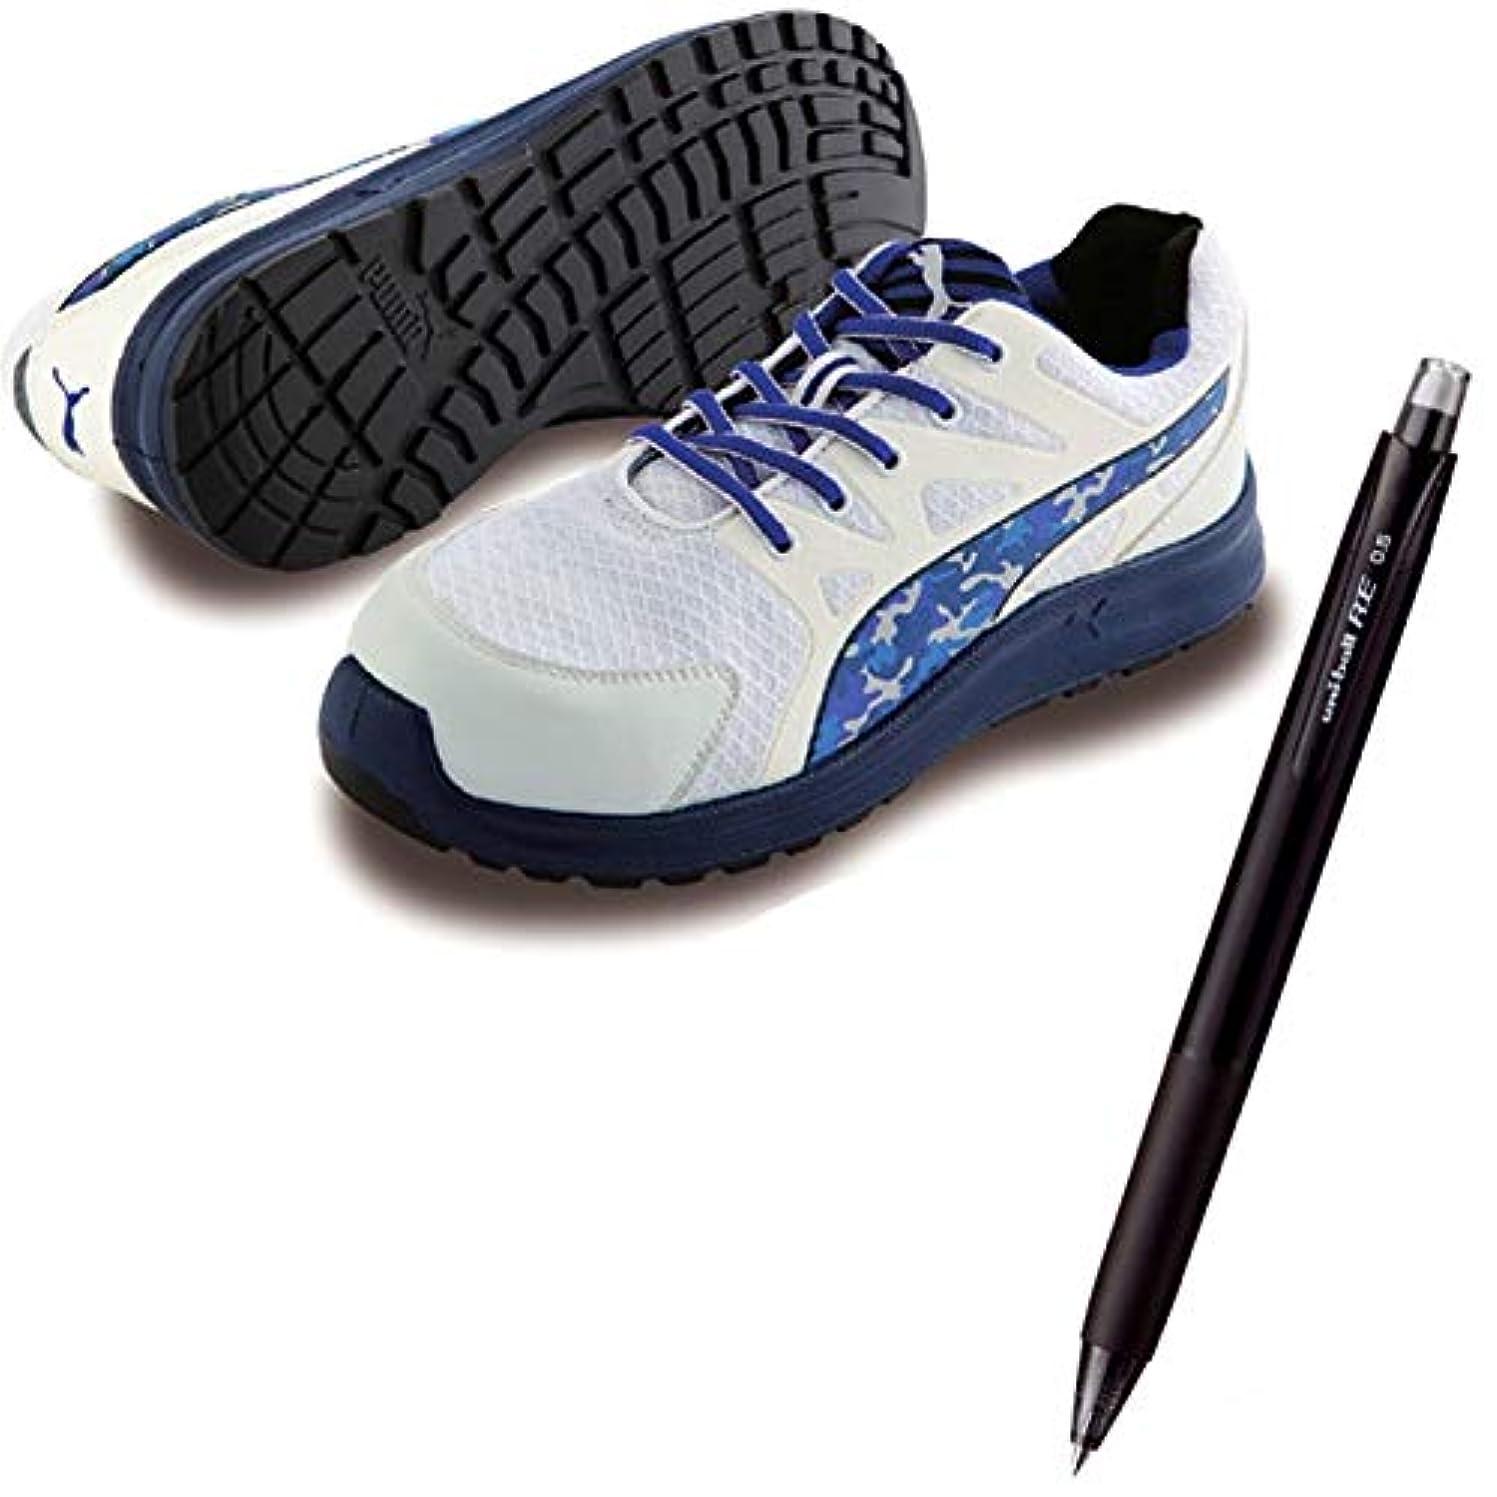 剃るチケットラブPUMA(プーマ) 安全靴 リレー 26.5cm ブルー ロー ジャパンモデル 消せるボールペン付きセット 64.337.0